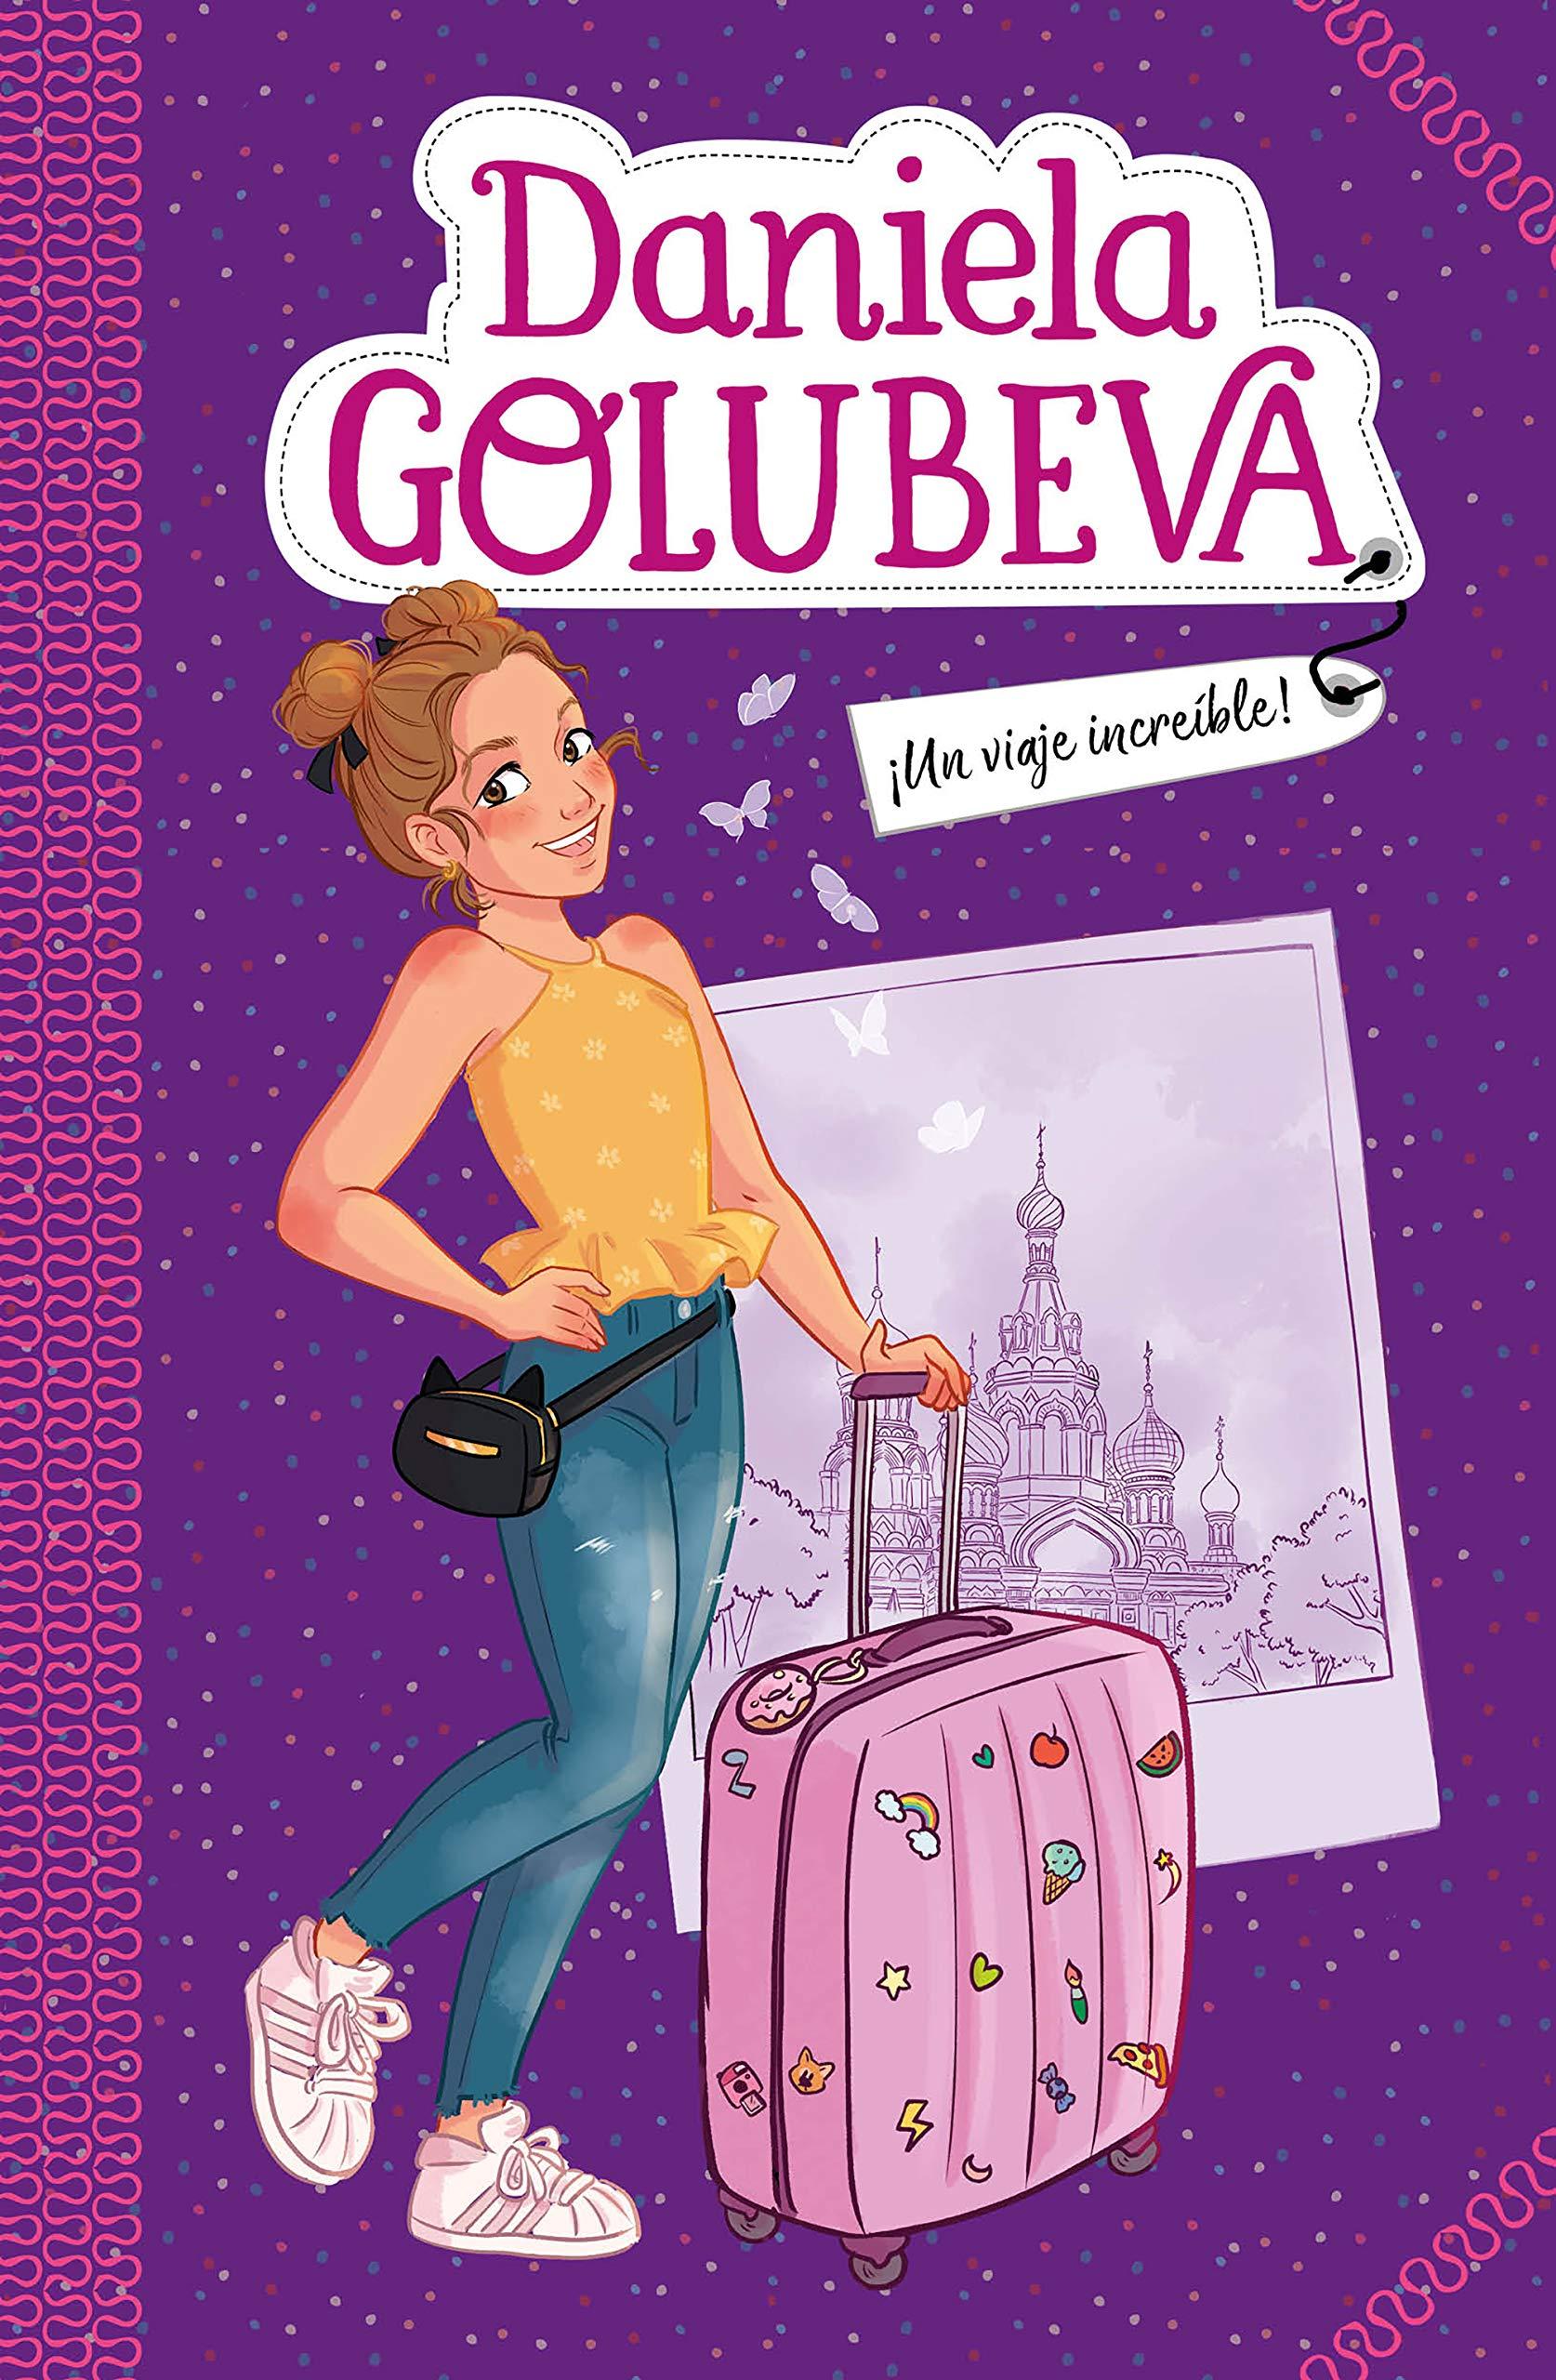 ¡Un viaje increíble! (Conectad@s): Amazon.es: Daniela Golubeva: Libros